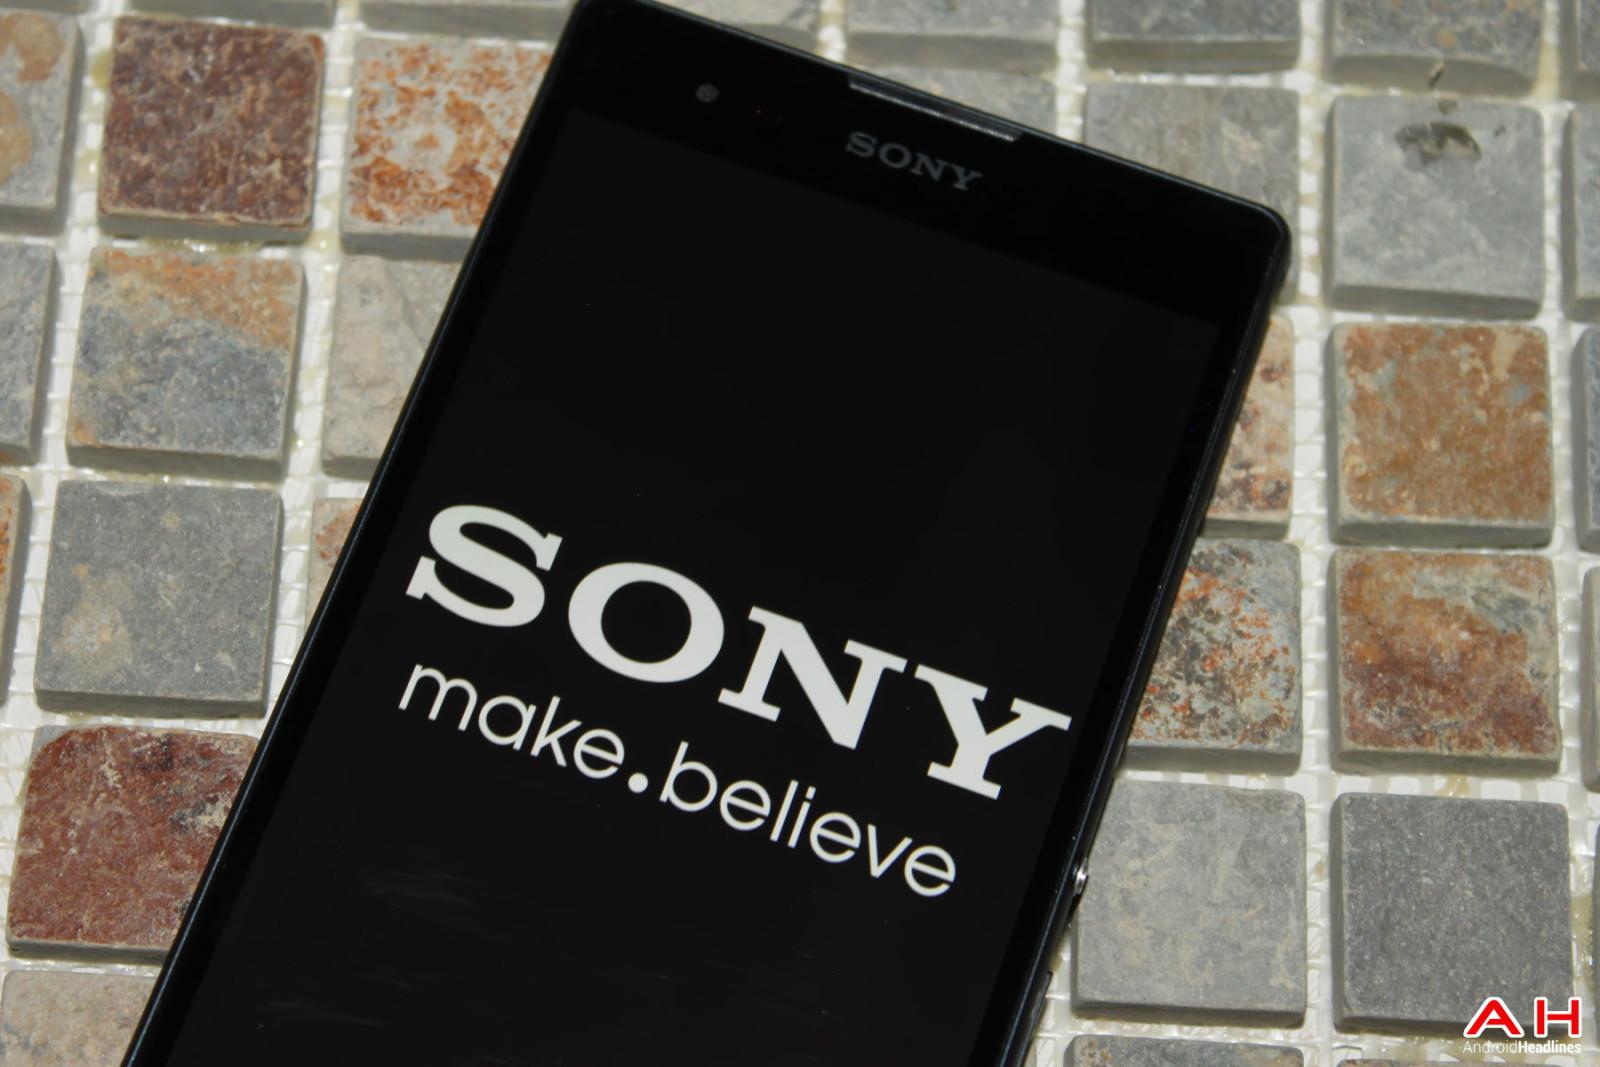 شرکت سونی در سال آینده تنها دو مدل تلفن همراه عرضه خواهد کرد.